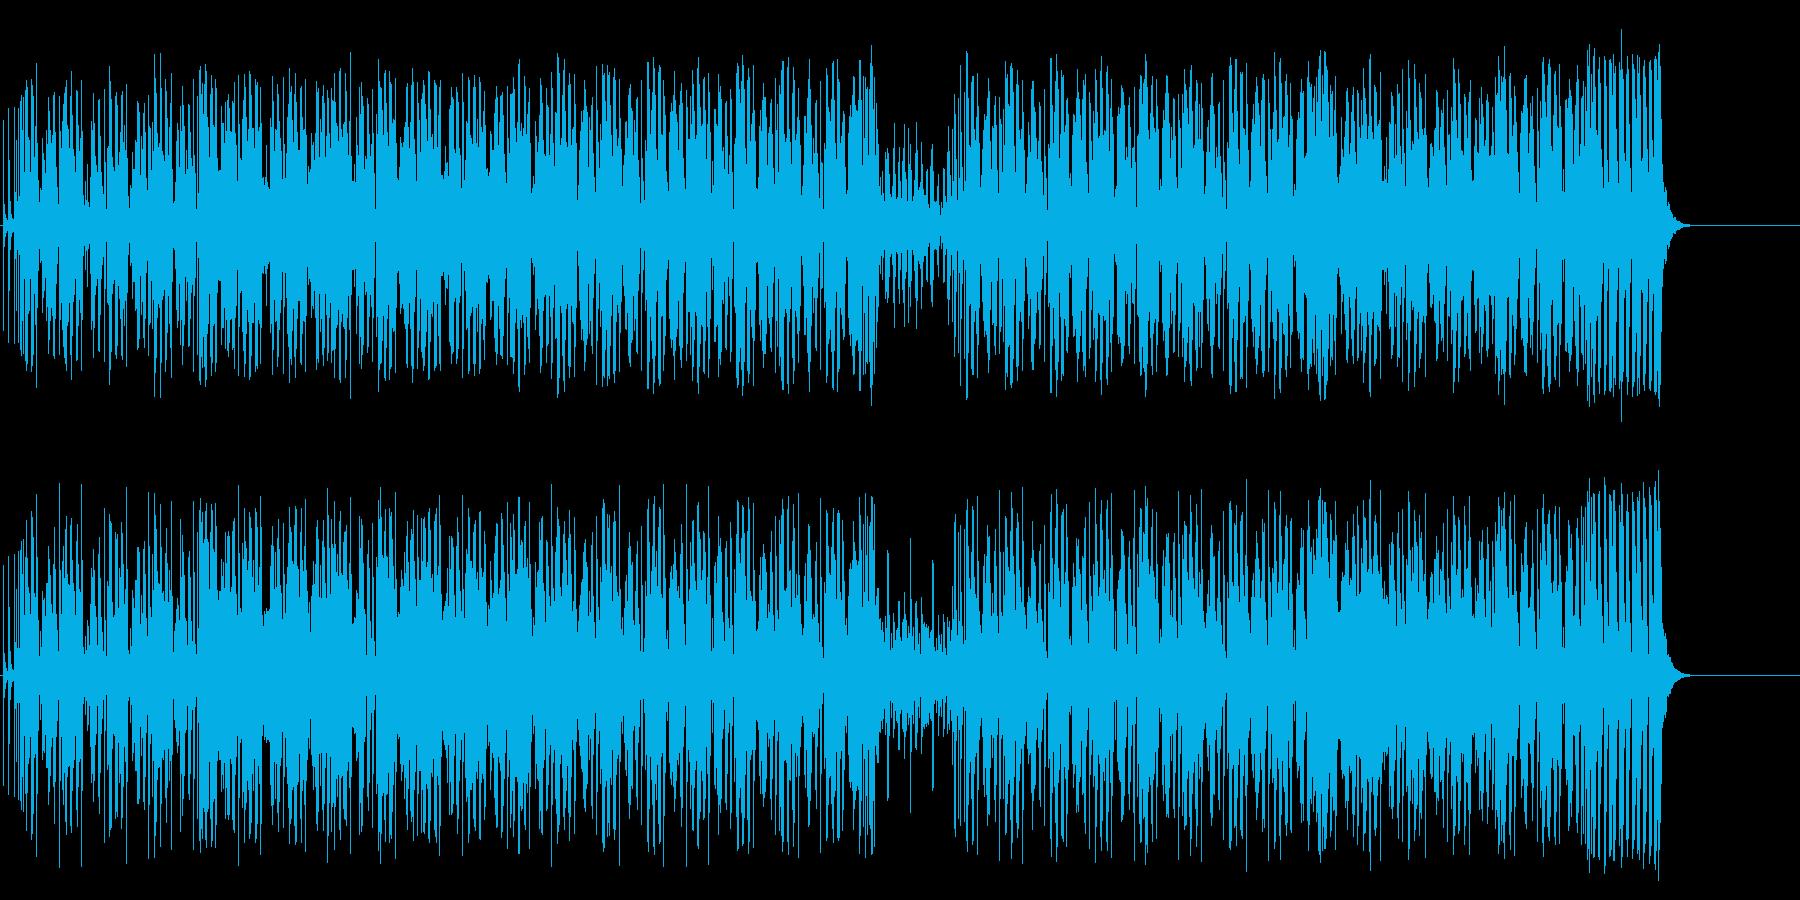 クールでスタイリッシュなテクノ/ポップの再生済みの波形